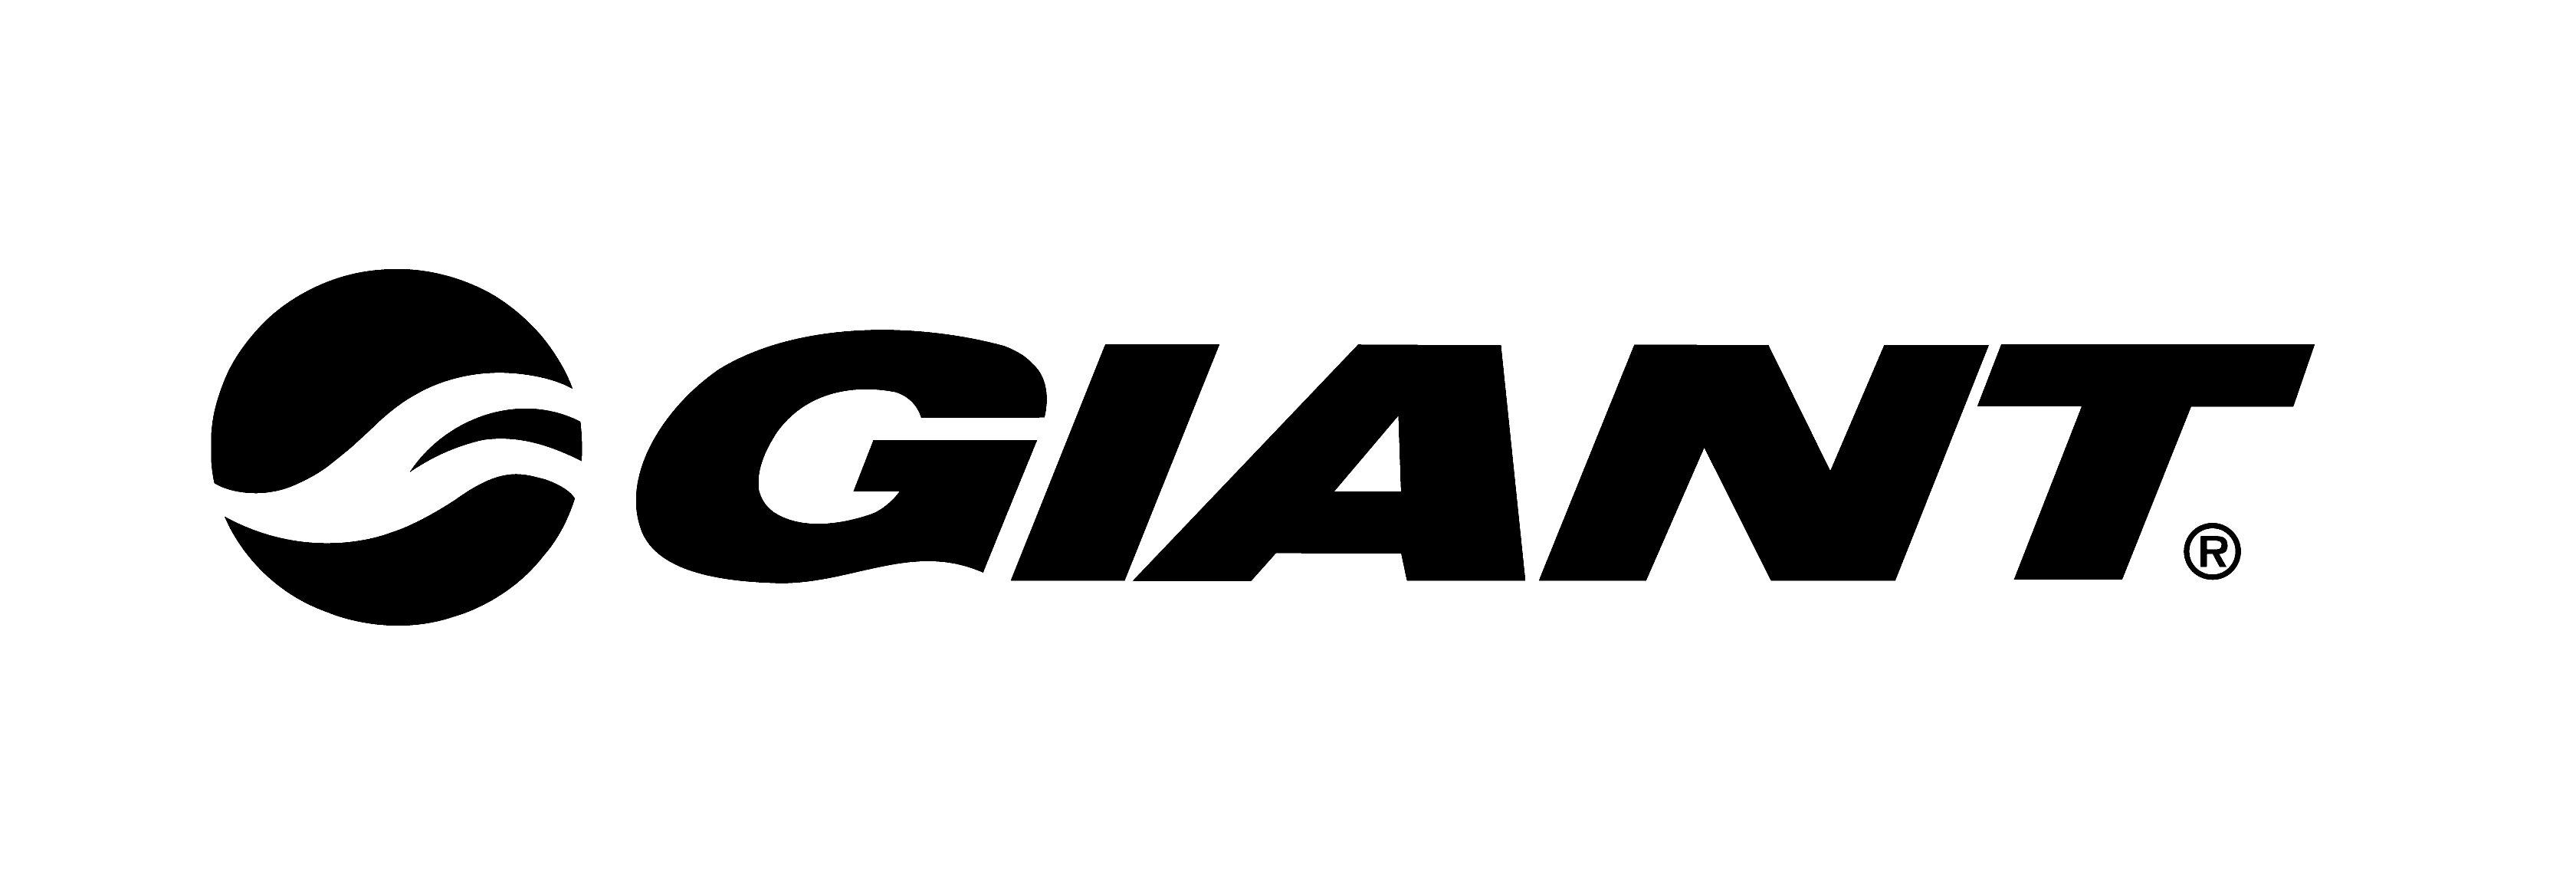 Bảng giá xe đạp thể thao Giant cập nhật tháng 9/2015